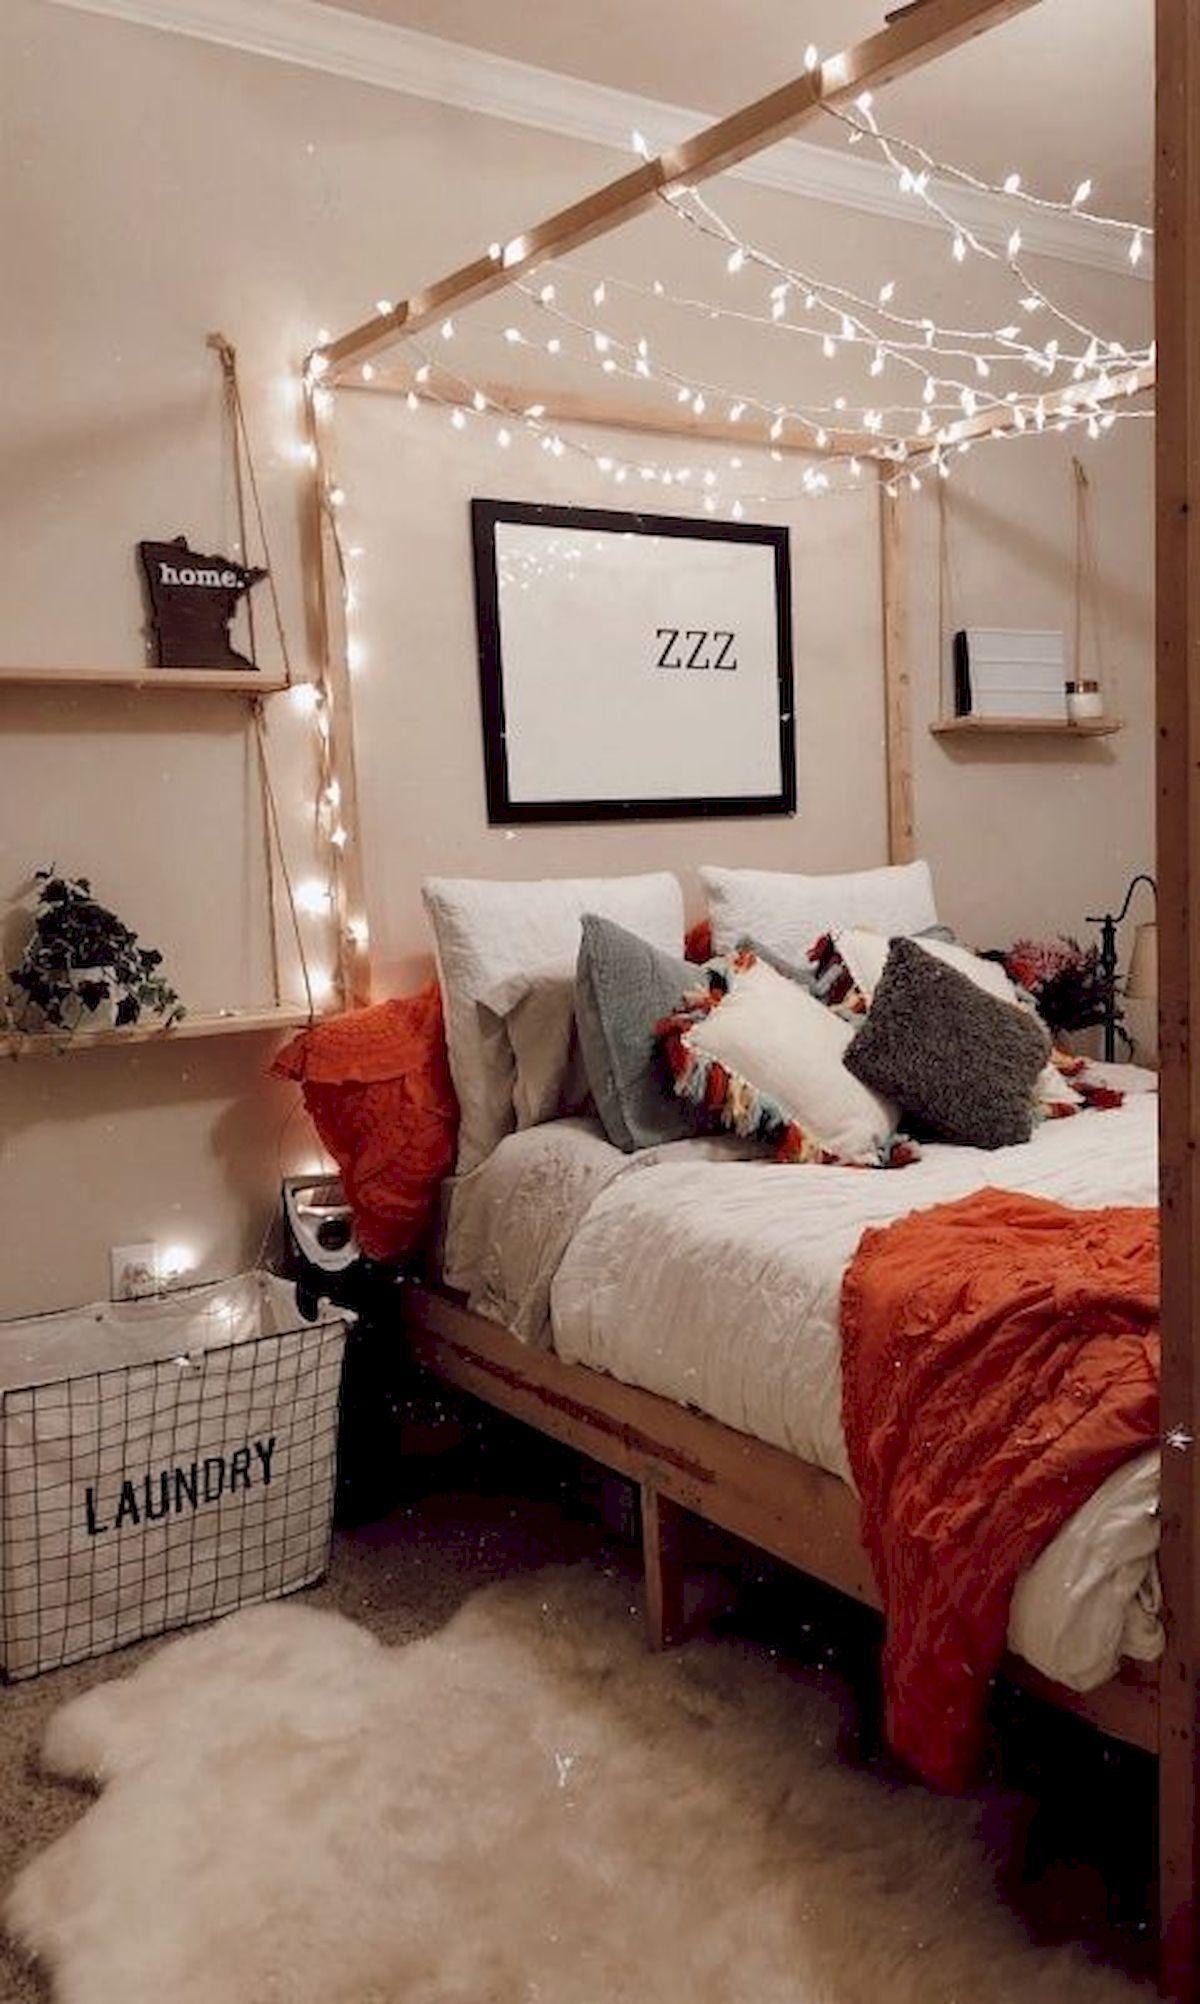 15 Warm and Cozy Bedroom ideas